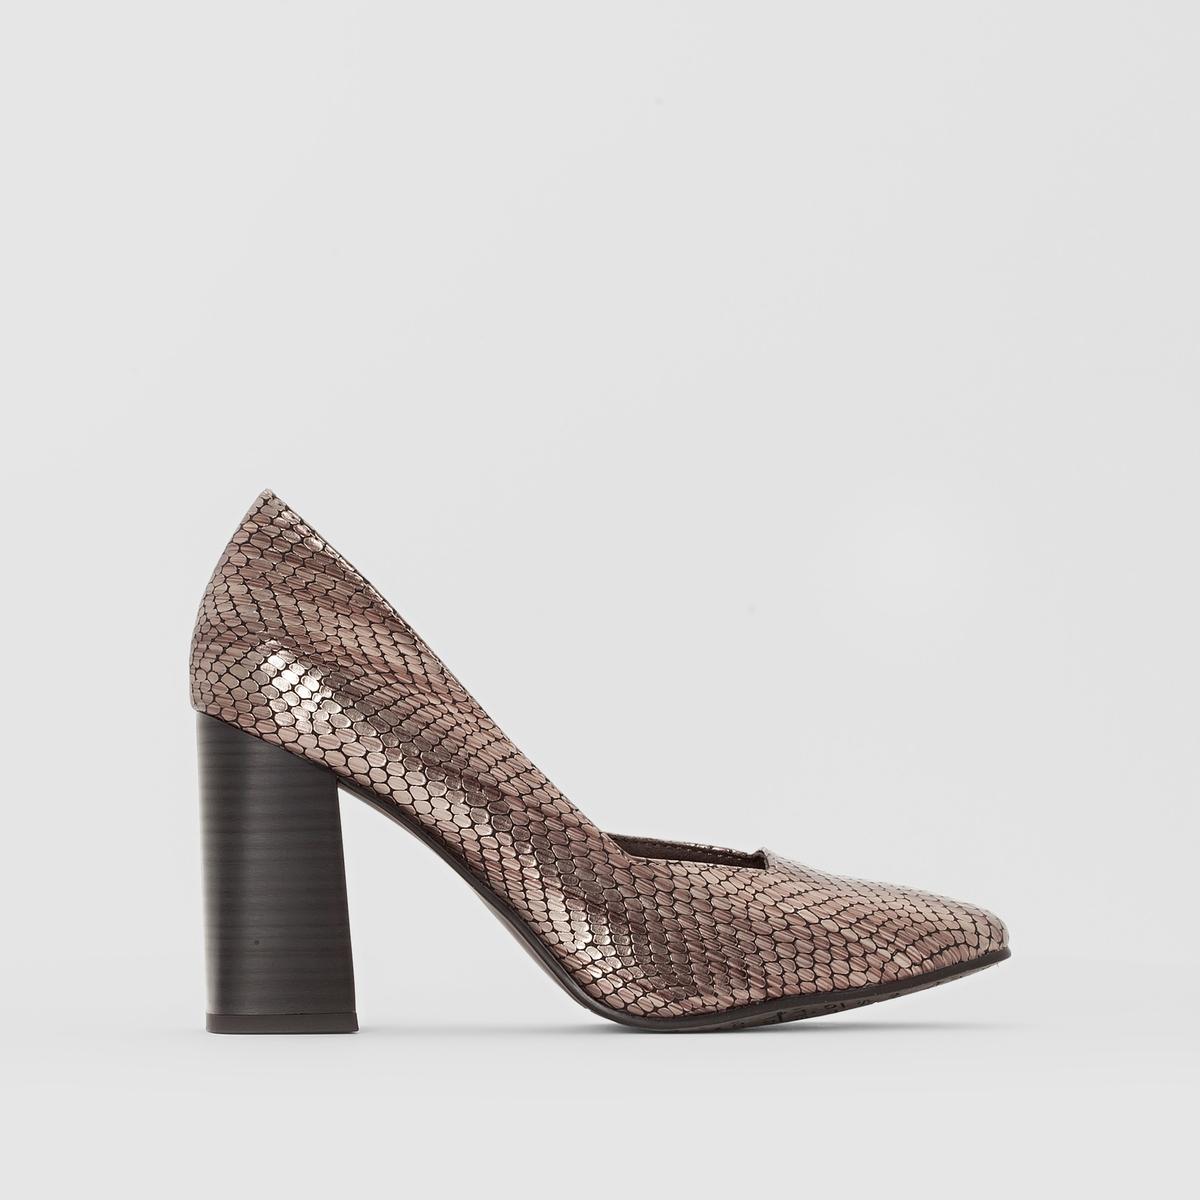 Туфли с металлическим блеском 22440-27Подкладка : текстиль   Стелька : Синтетический материал   Подошва : синтетика   Высота каблука : 8,5 см   Высота голенища : 6,5 см   Форма каблука : широкий   Мысок : квадратный   Застежка : без застежки<br><br>Цвет: серый металлик<br>Размер: 41